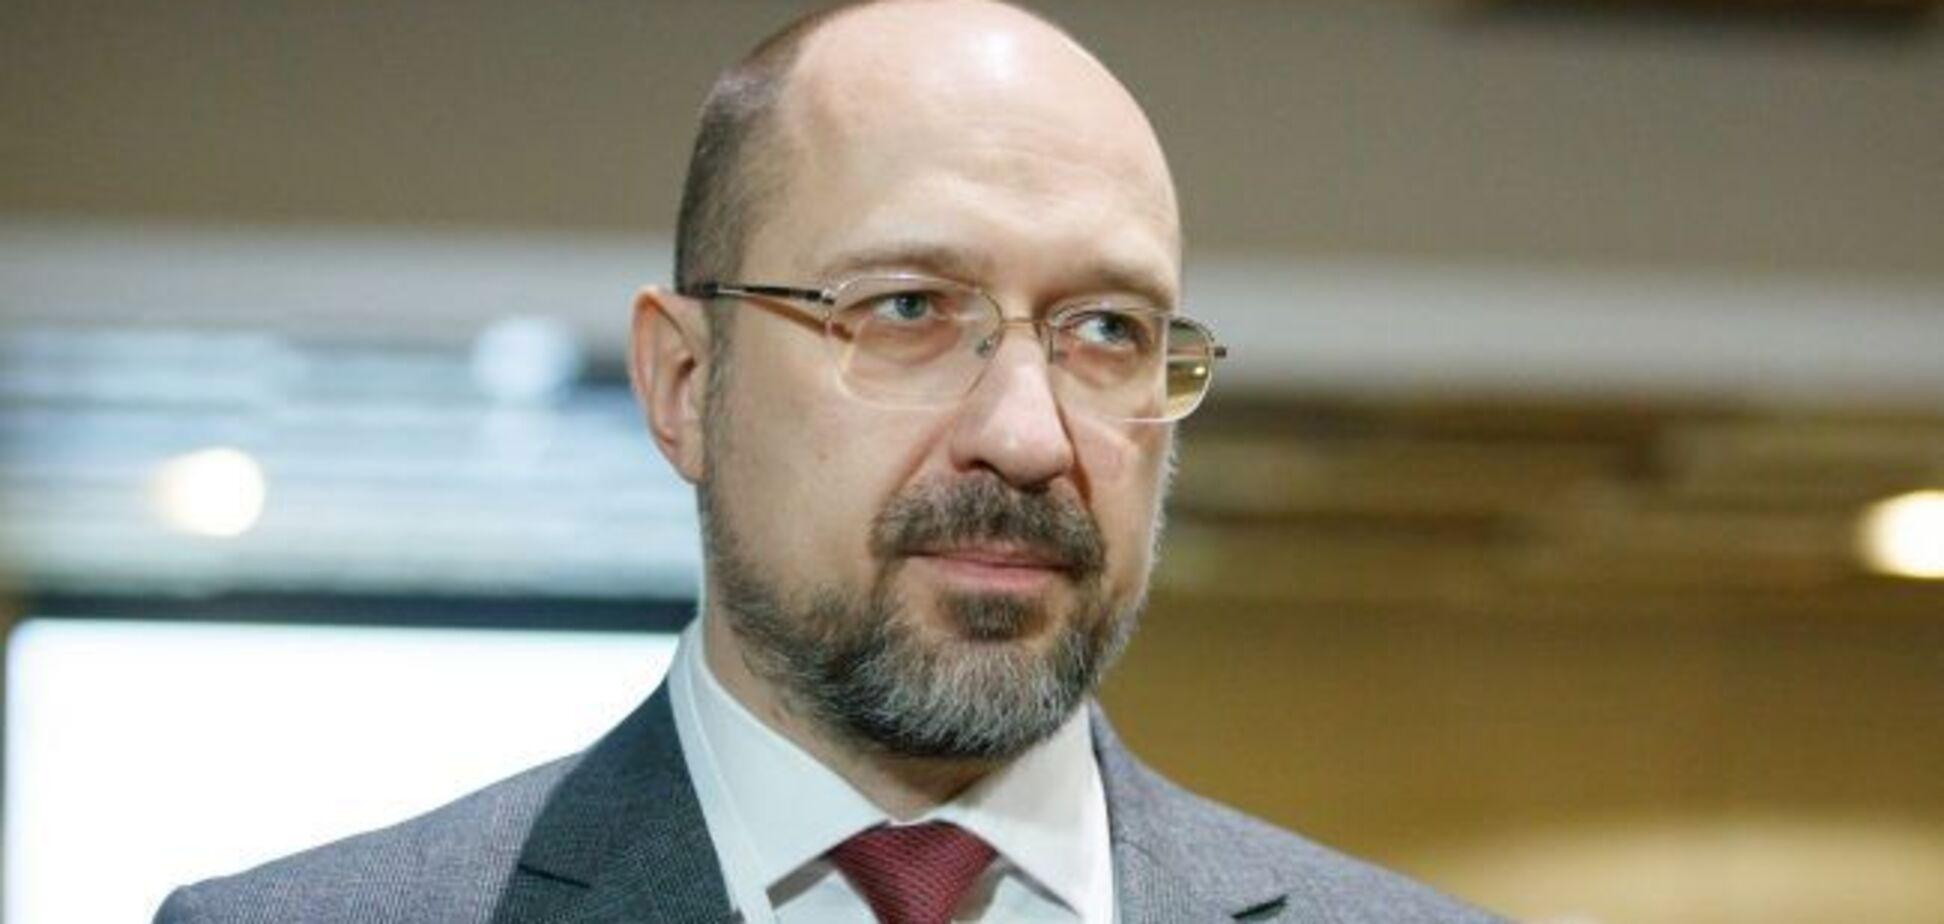 Вперше за 30 років: Шмигаль похвалився унікальним Дербюджетом на 2022 рік